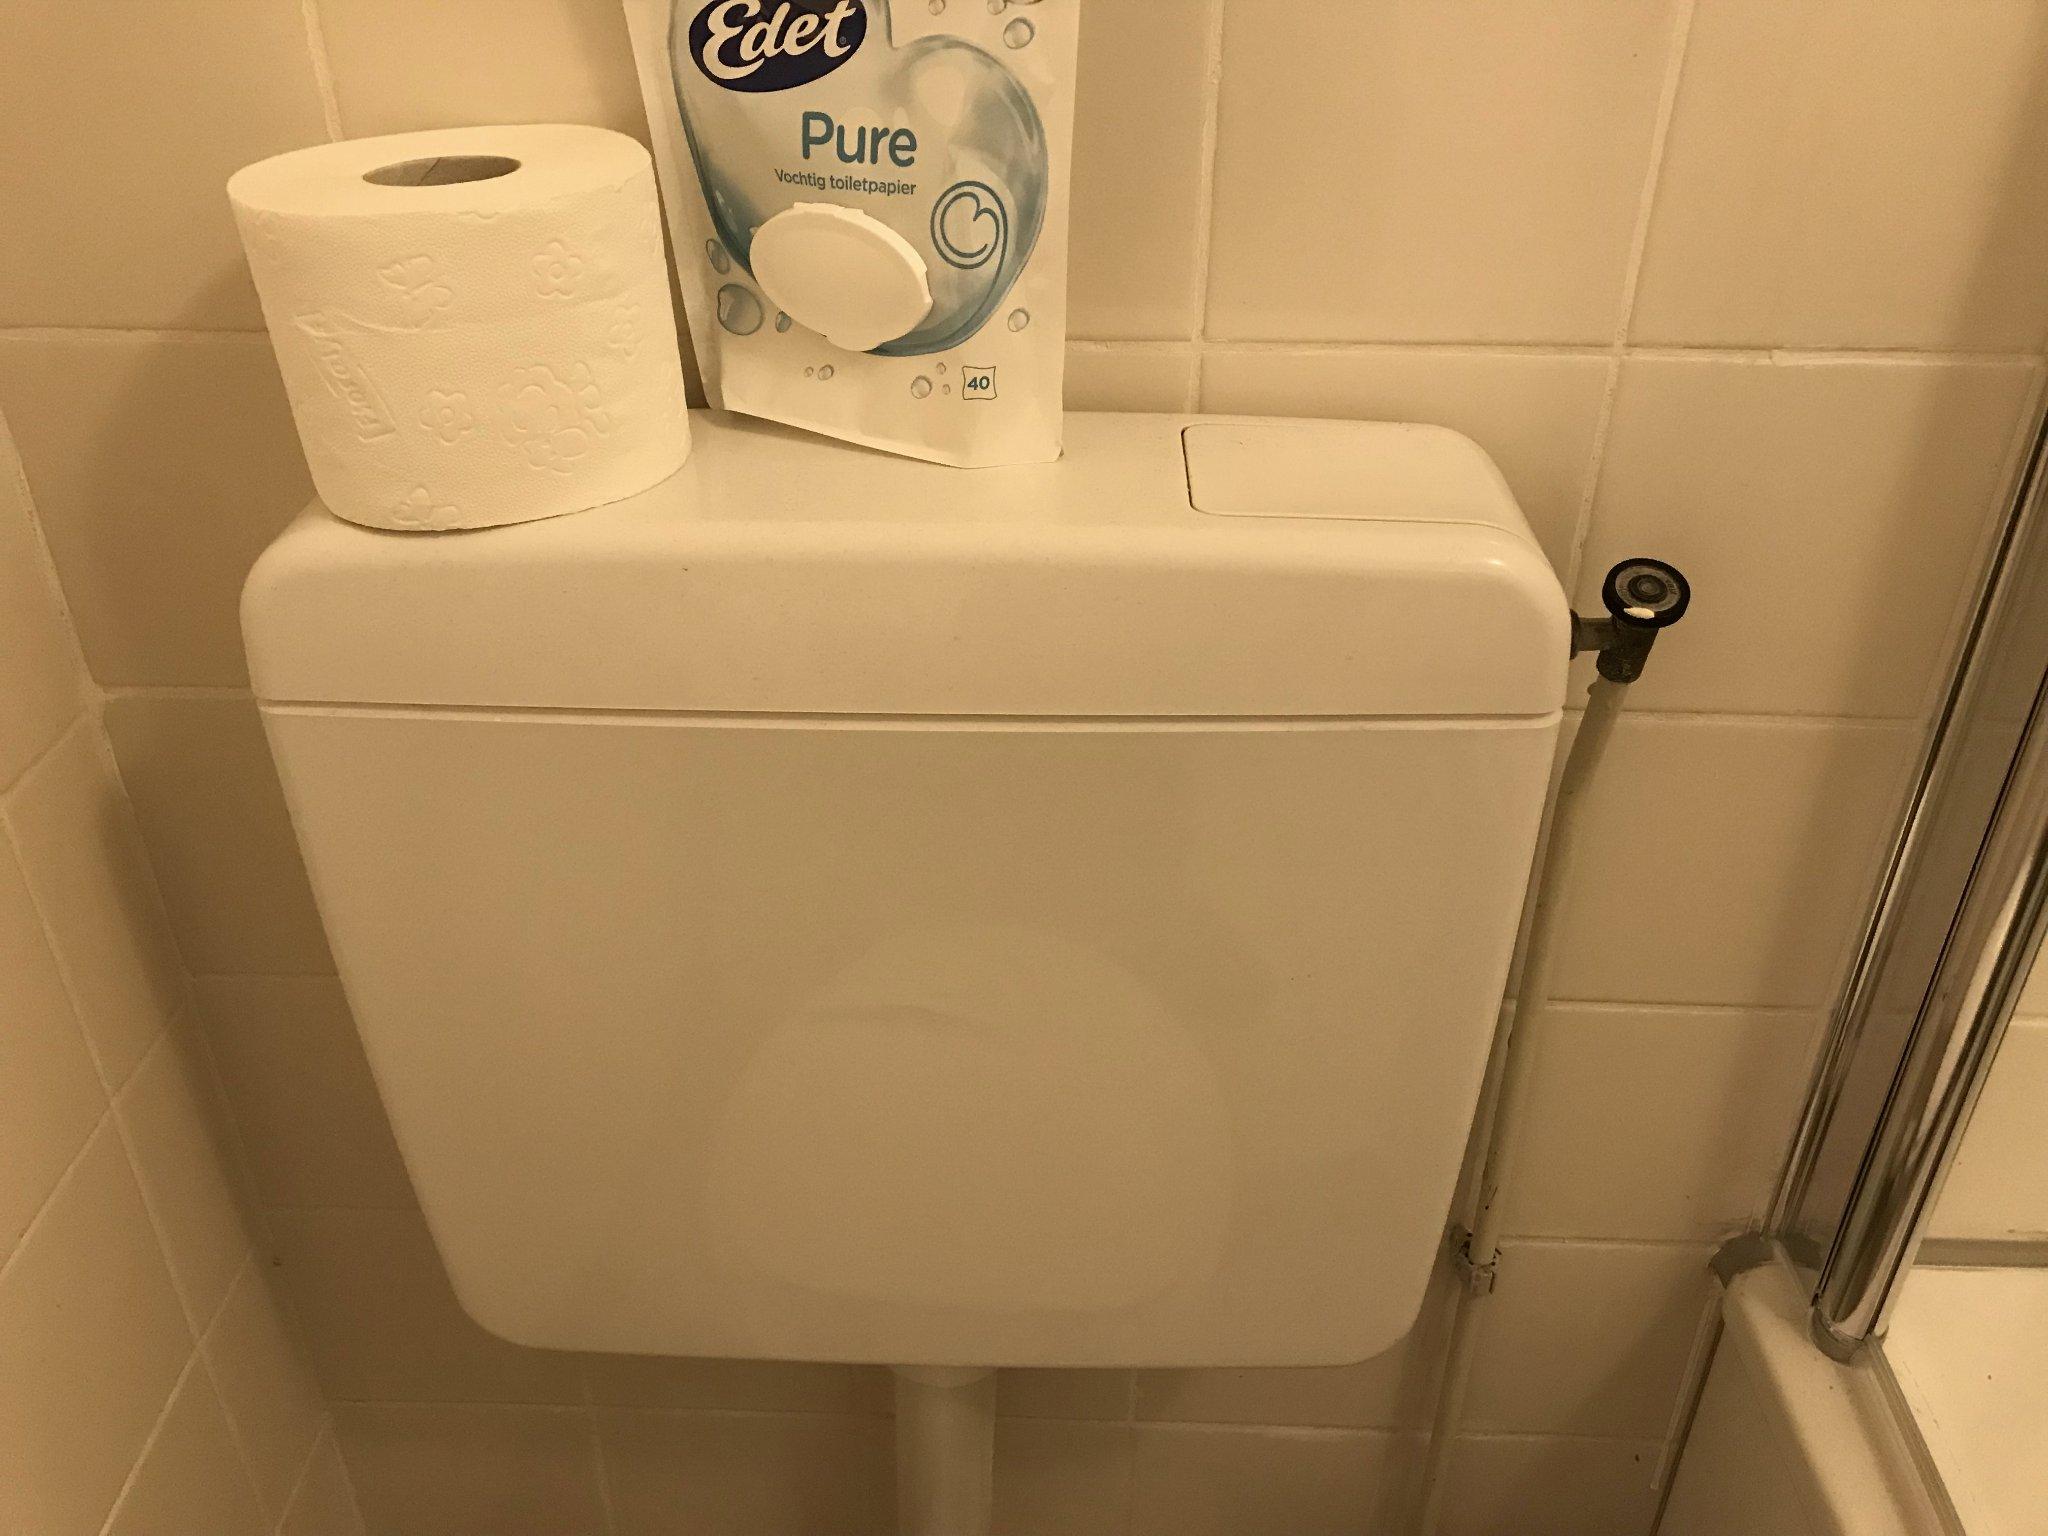 Ouderwetse Stortbak Toilet : Kleine stortbak wc: tot op wc met stortbak groupon producten. wc